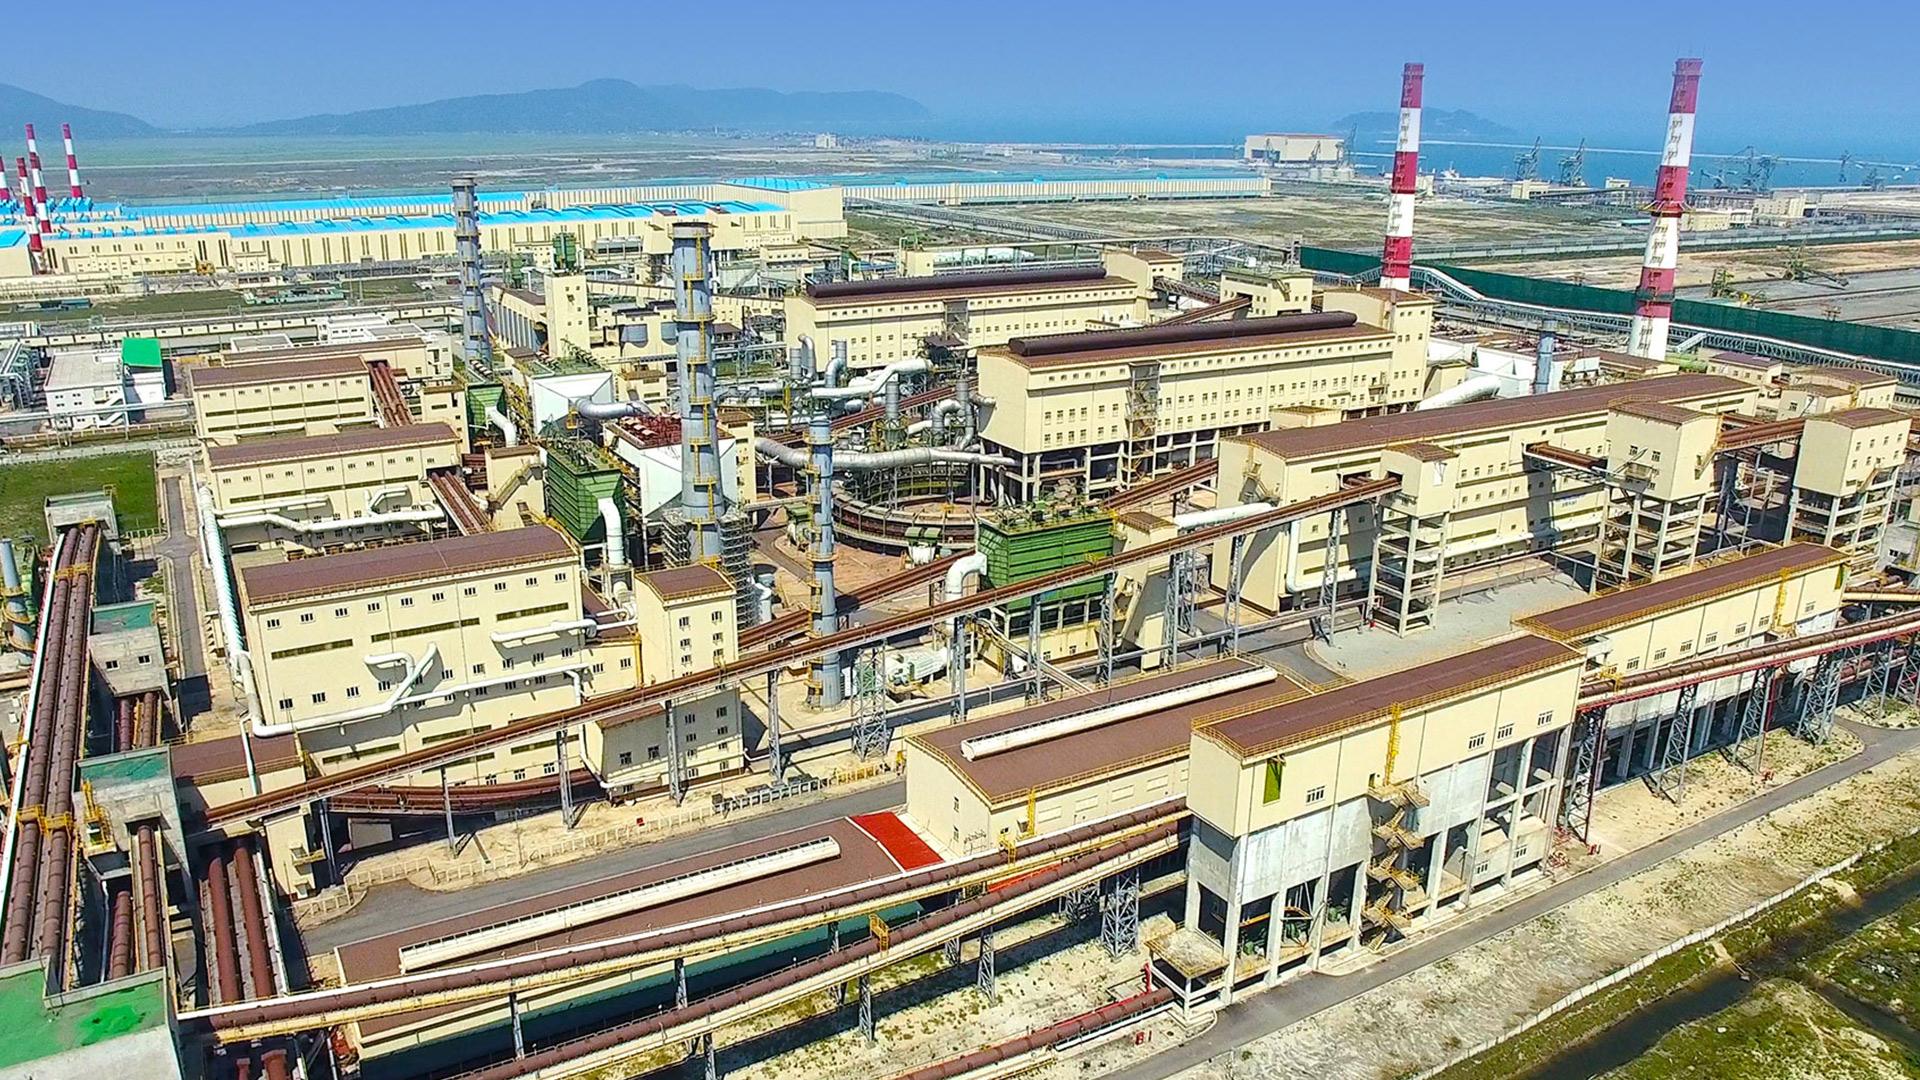 致力于讓冶金工業更環保、人類家園更清潔、城市生活更美好